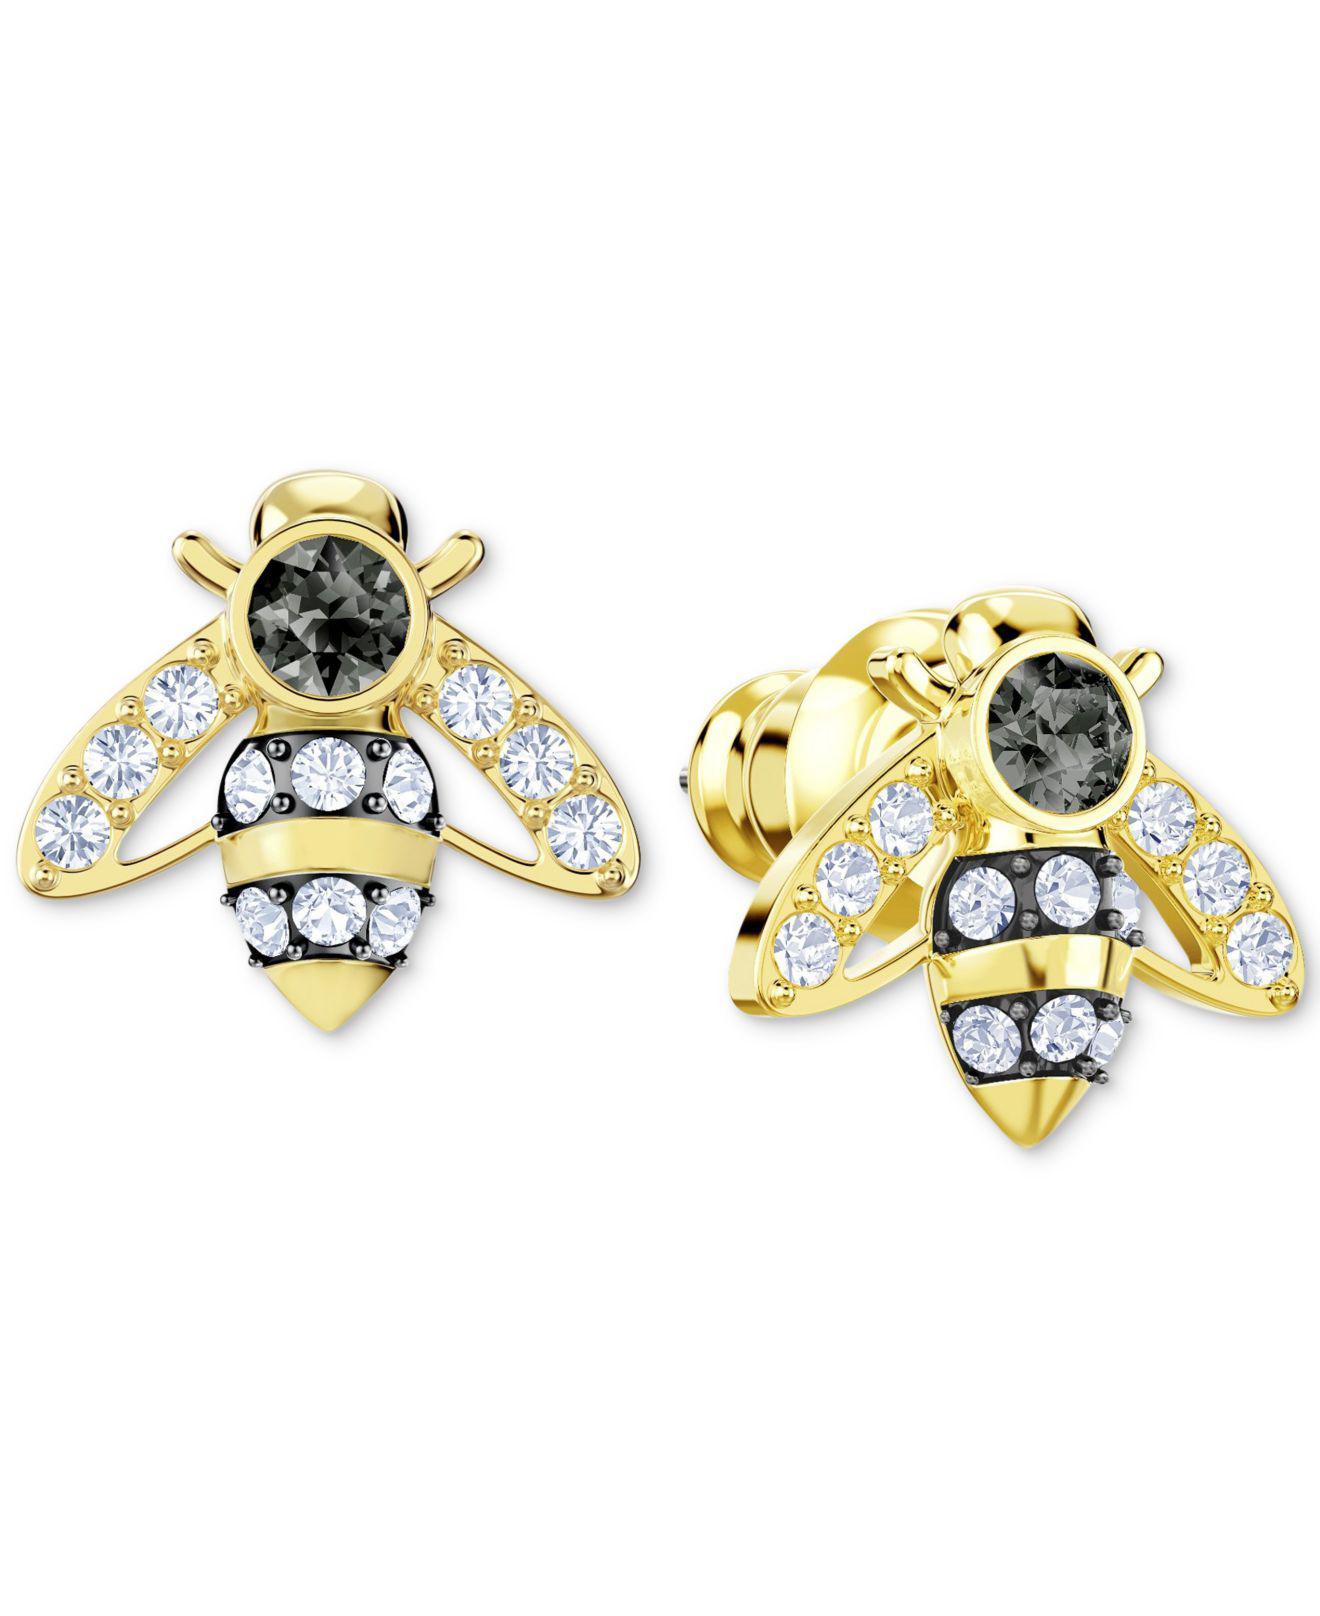 Gold Tone Crystal Bee Stud Earrings